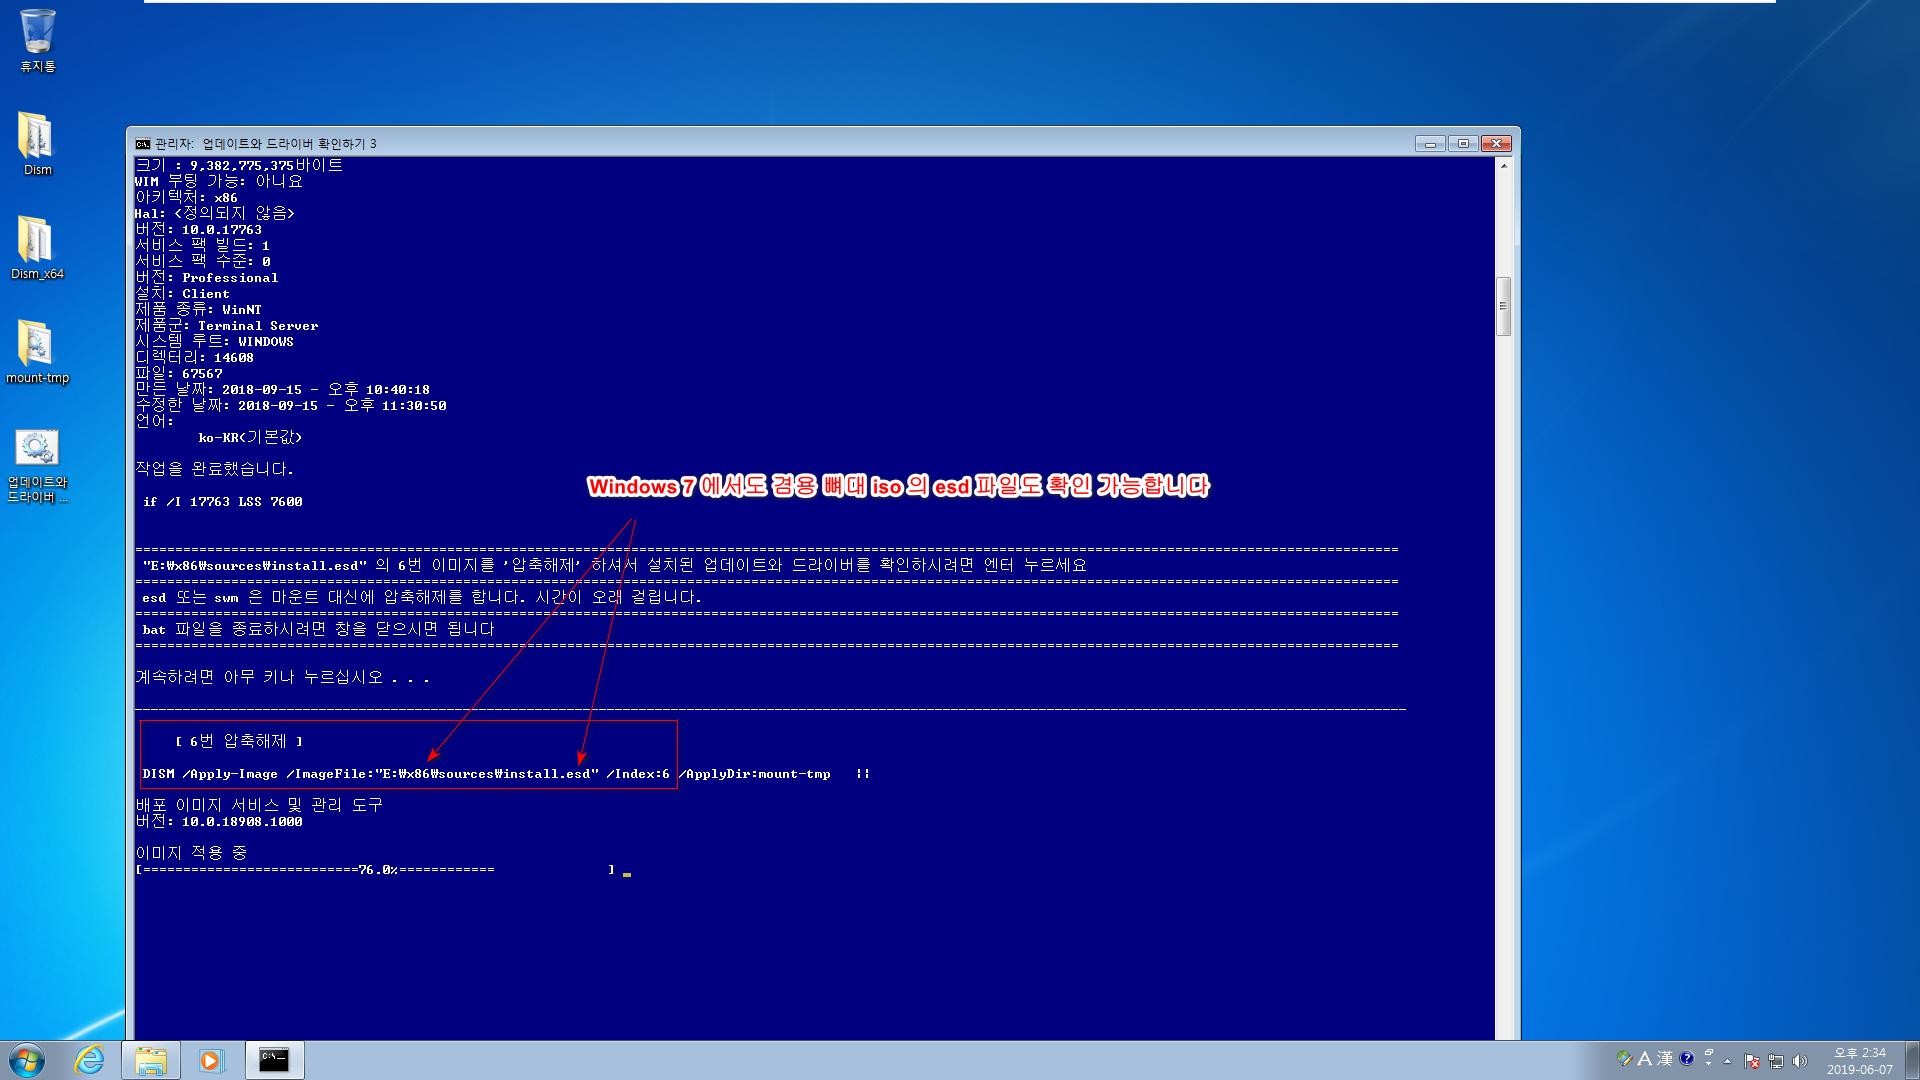 업데이트와 드라이버 확인하기3.bat 테스트 -  Windows 7 에서 겸용 뼈대로 된 iso 탑재하여 install.esd 파일 확인 가능합니다 2019-06-07_143410.png